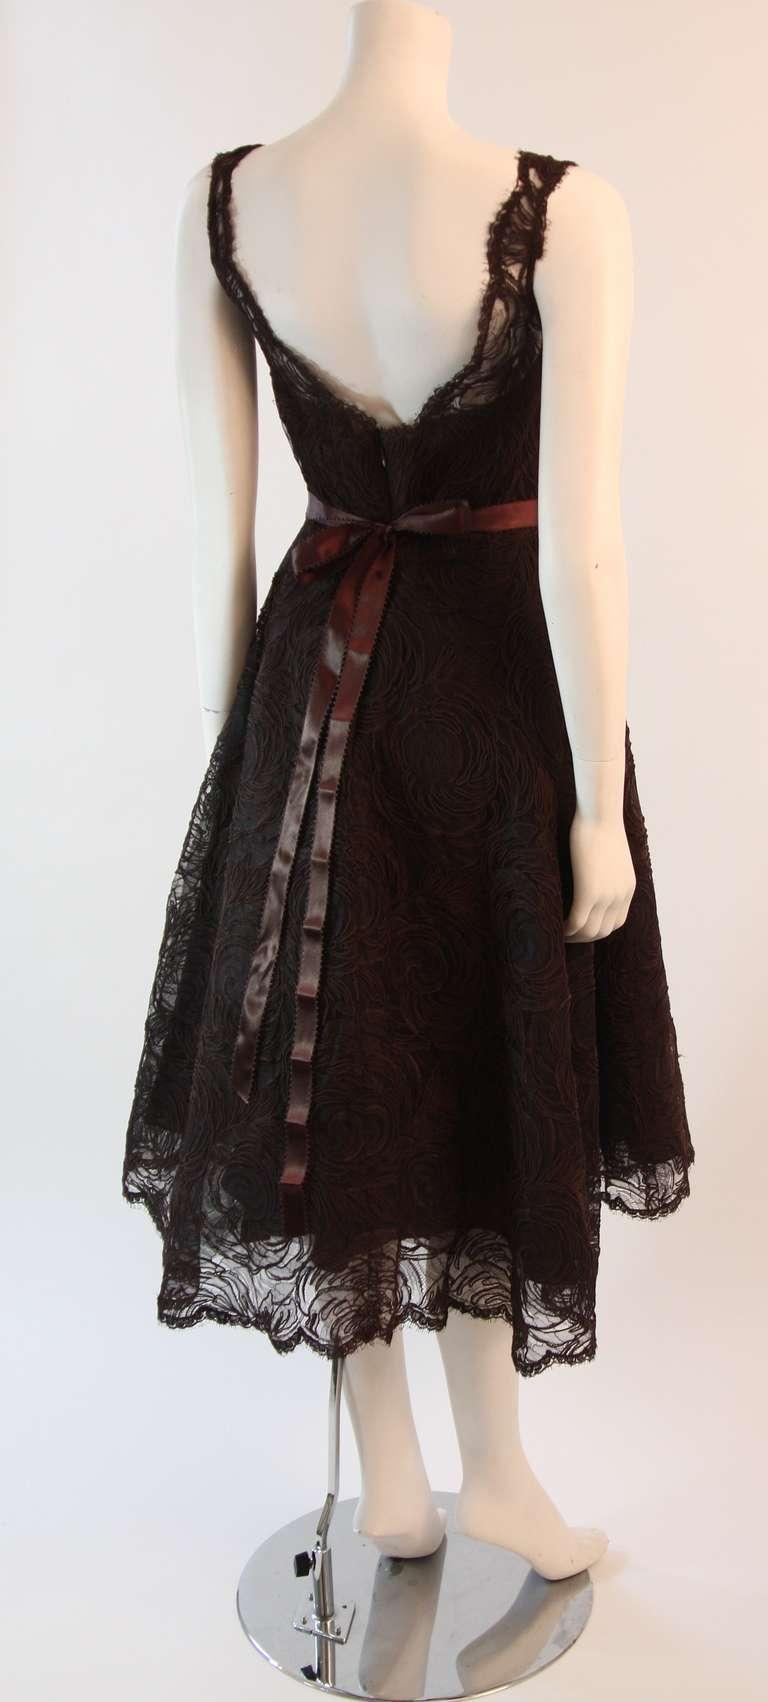 Monique Lhuillier Brown Lace Cocktail Dress Size 8 5